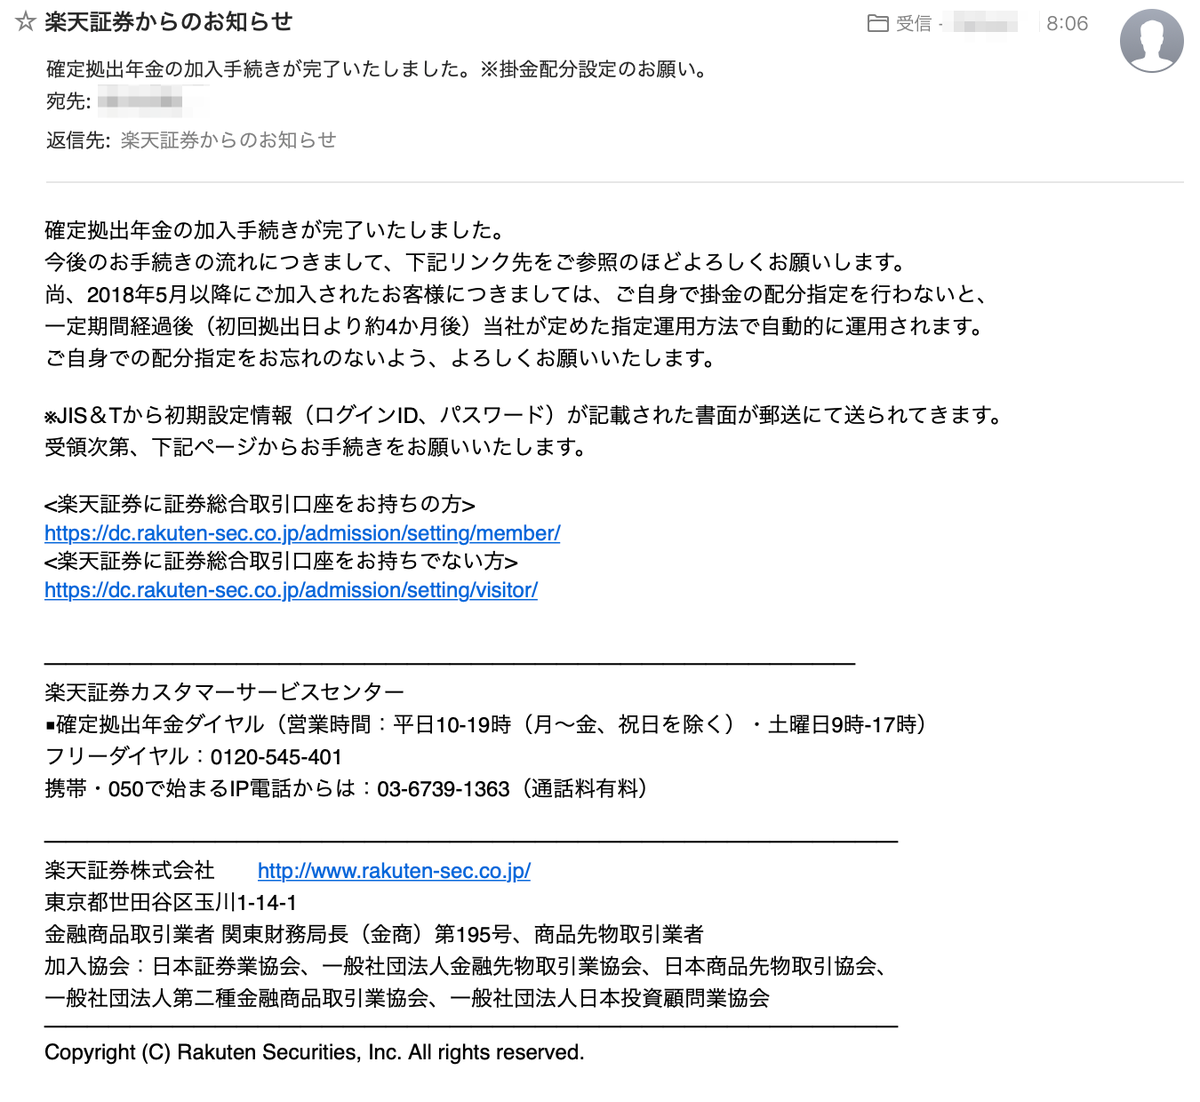 この画像は楽天証券から届いたiDeCo手続き完了メールの写しです。